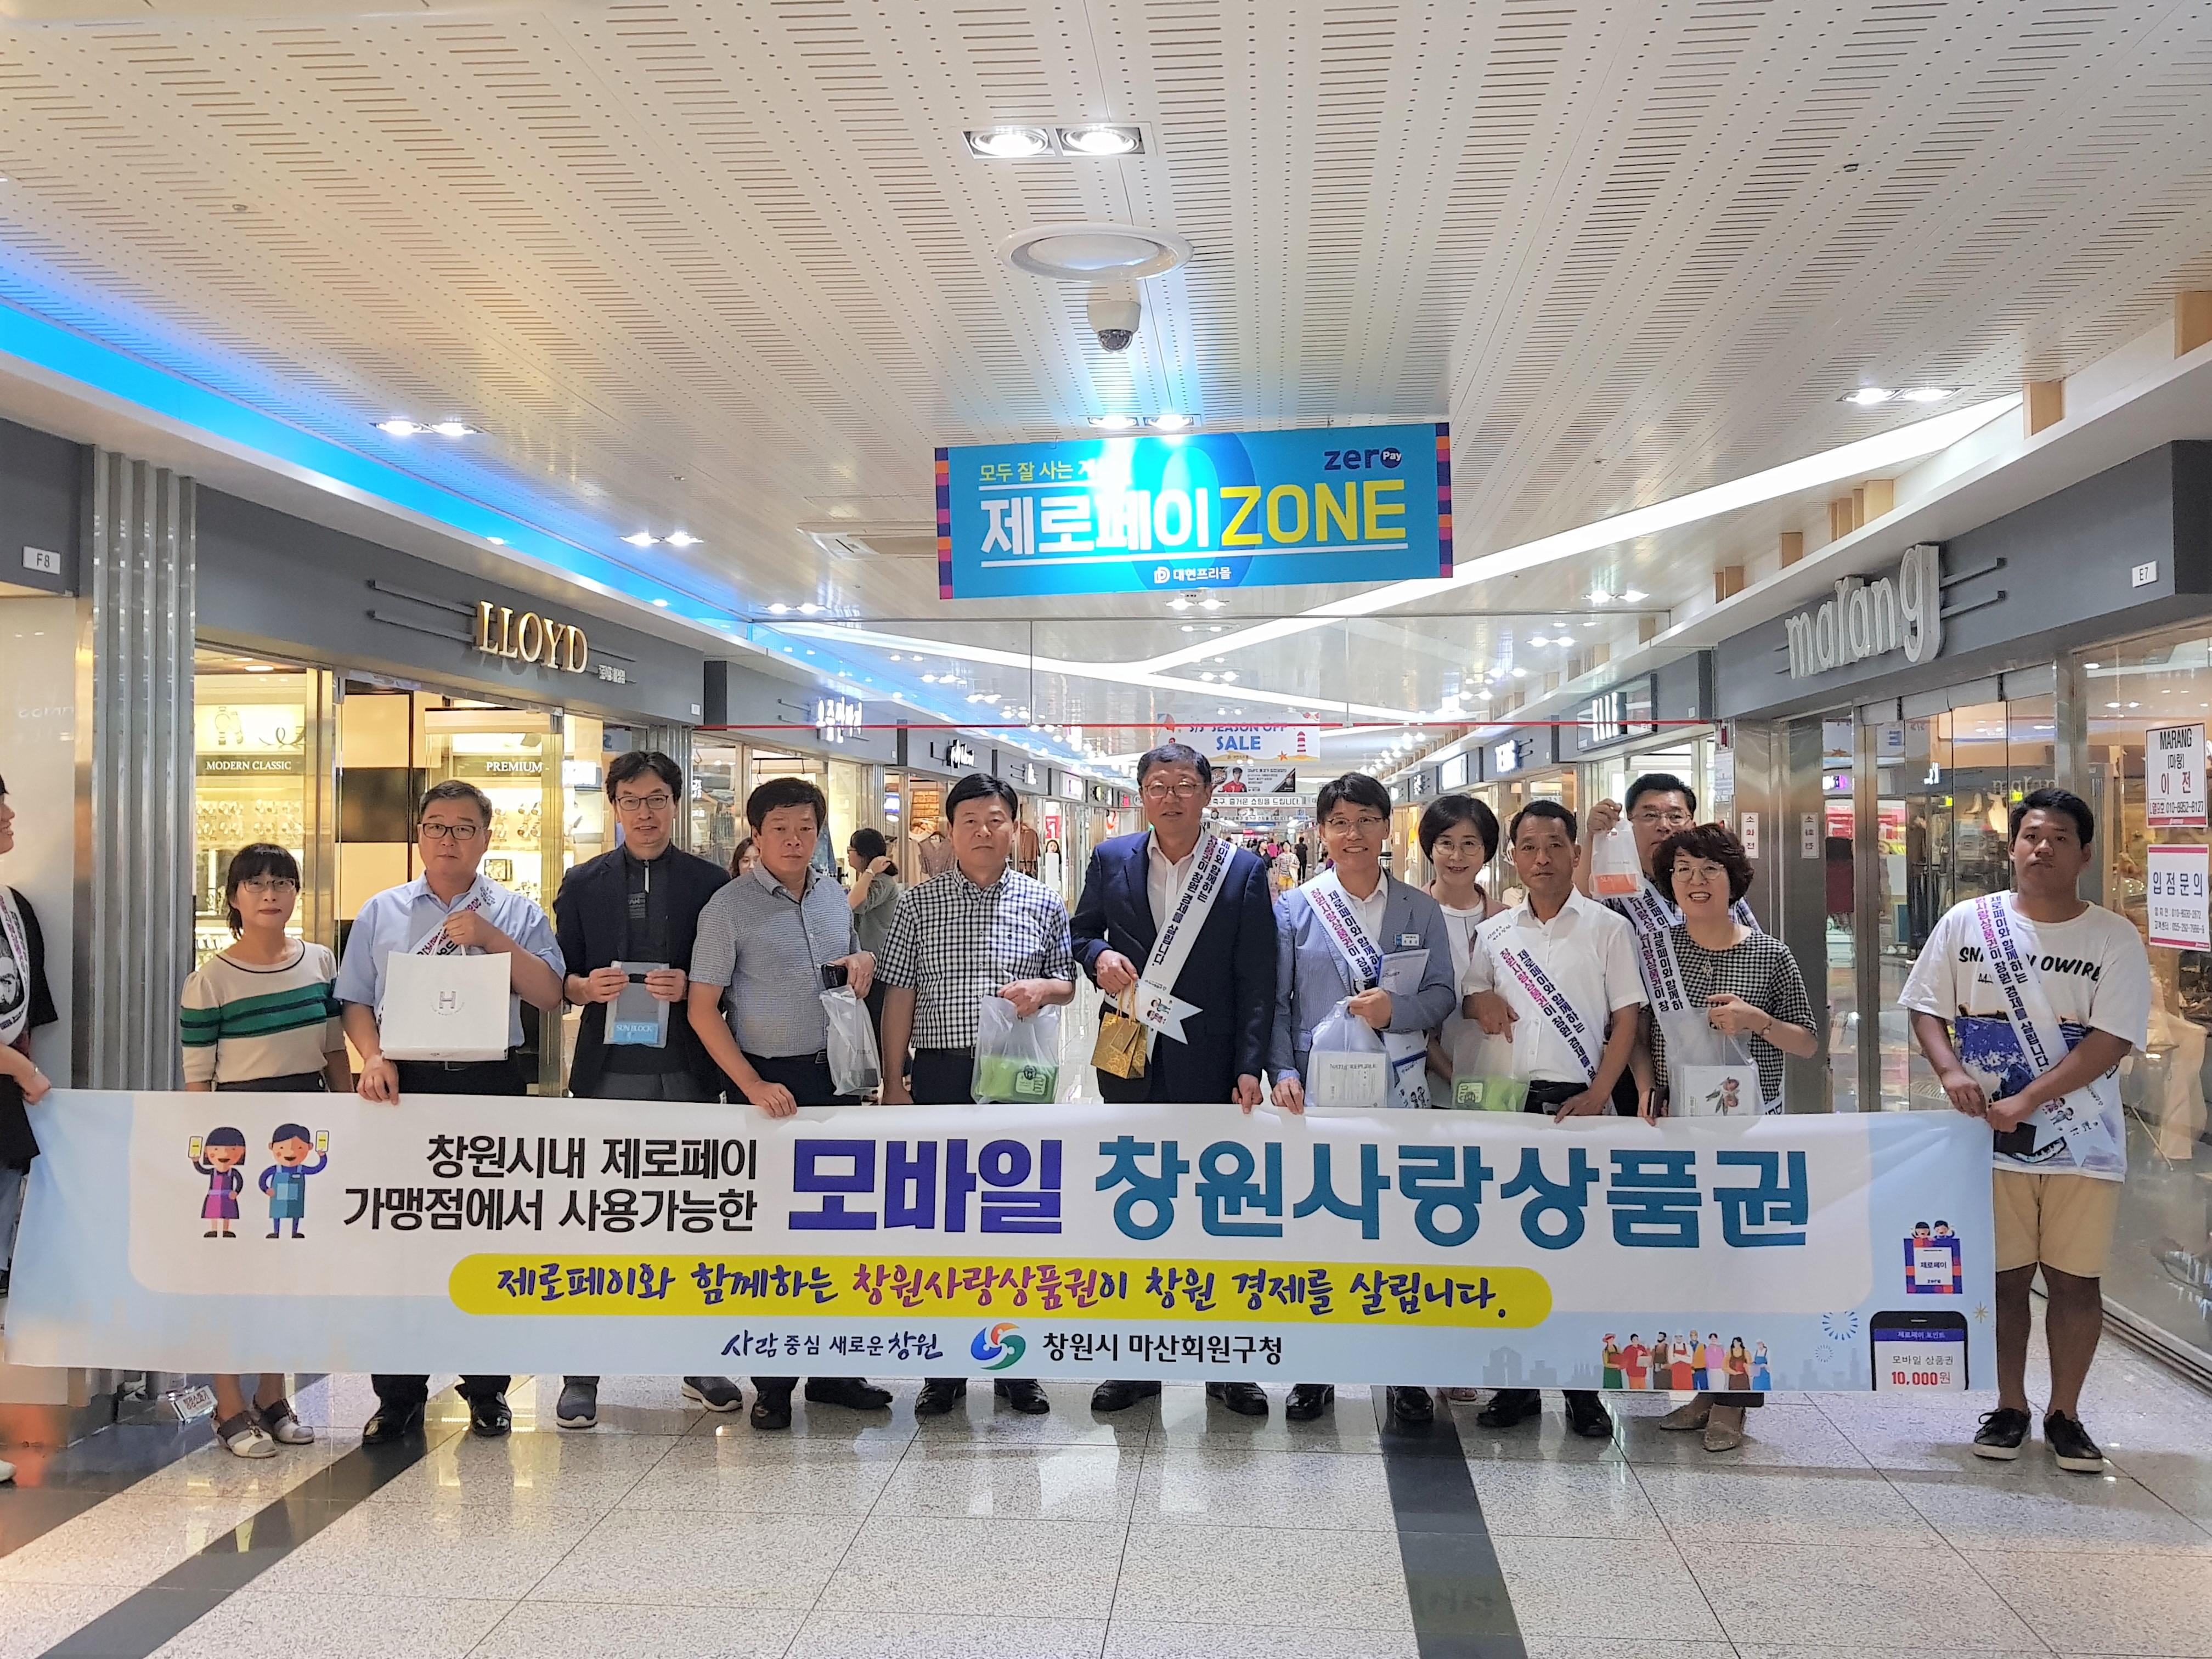 대현프리몰 창원점, 창원시 상품권 캠페인 행사 1(2019. 08. 20).jpg